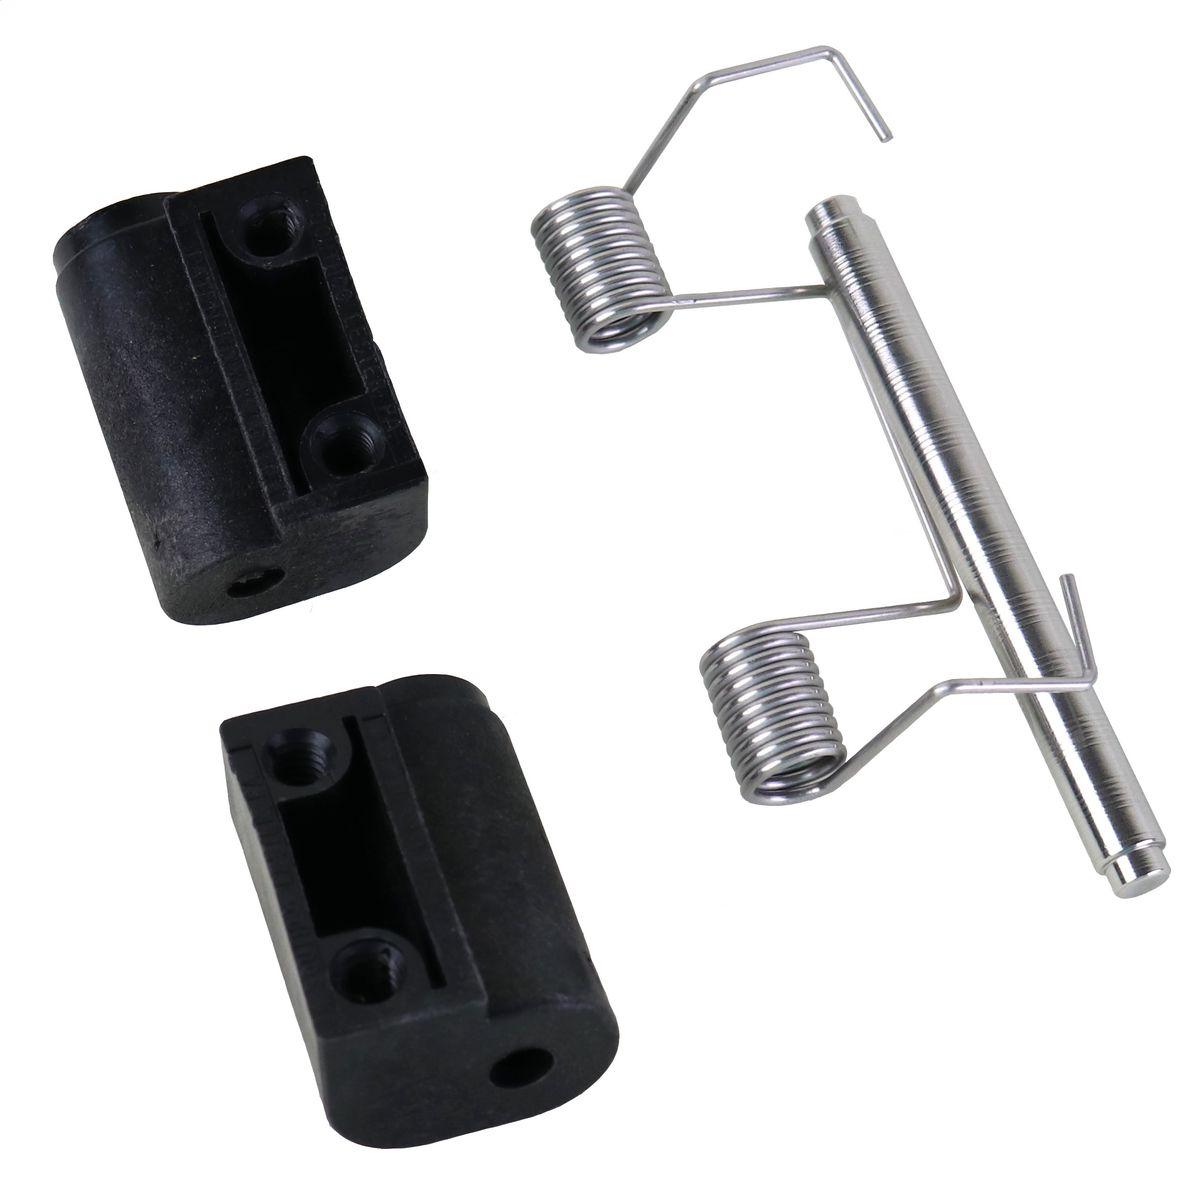 12573-001  sc 1 st  Hubbell & Spring Door Return Kit for 256 | Brand | GAI-Tronics